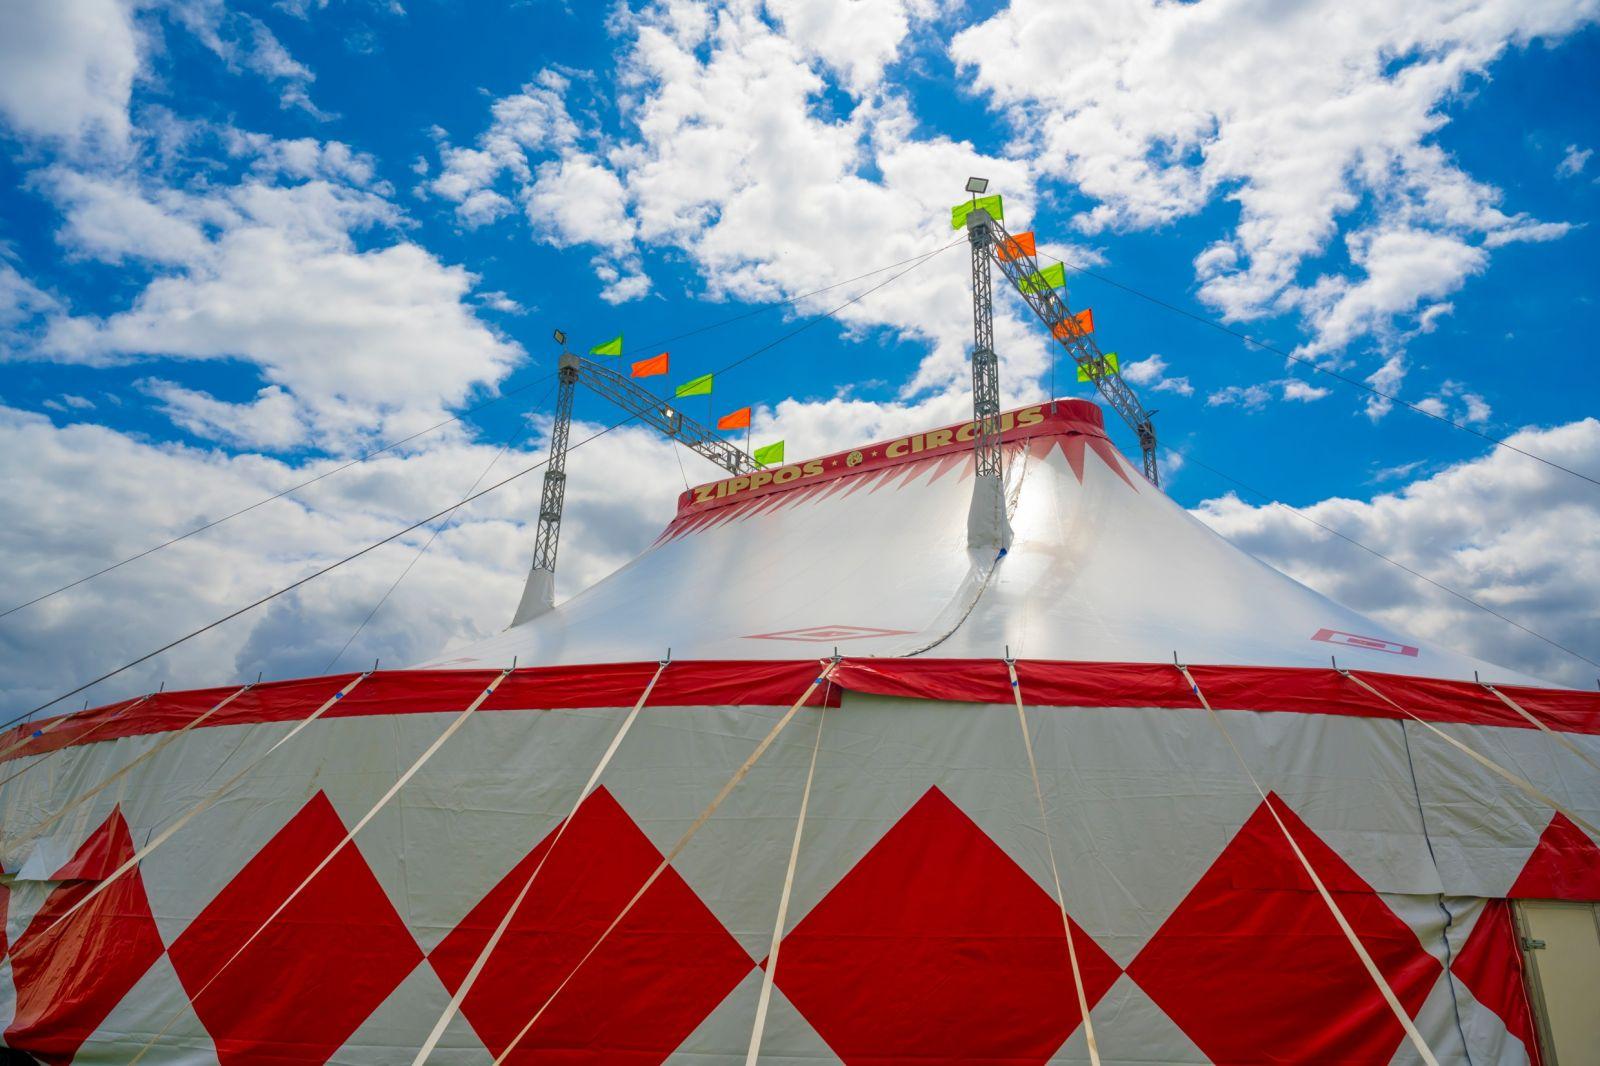 Zippos Circus Big Top (5) Photographer credit: Piet-Hein Out